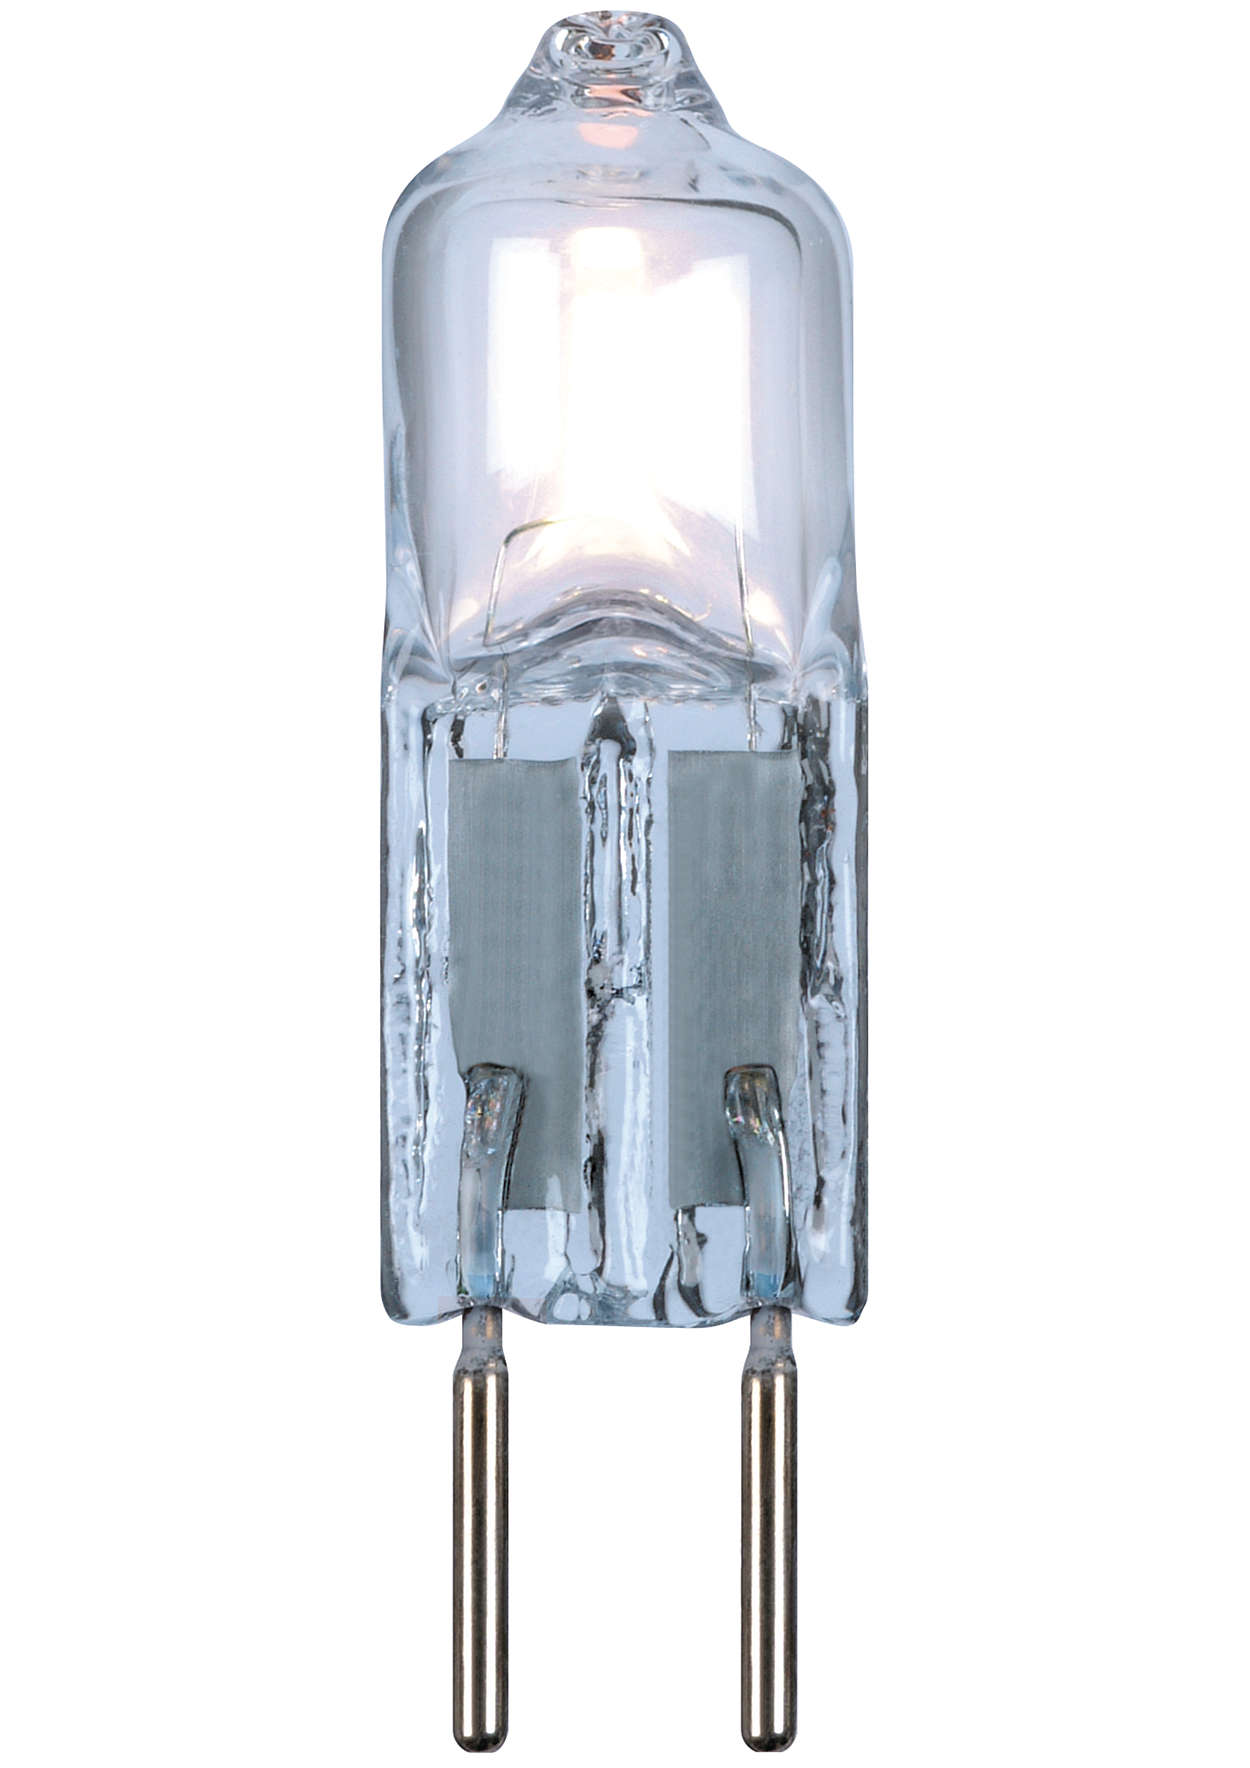 Herkömmliche Halogenlampe